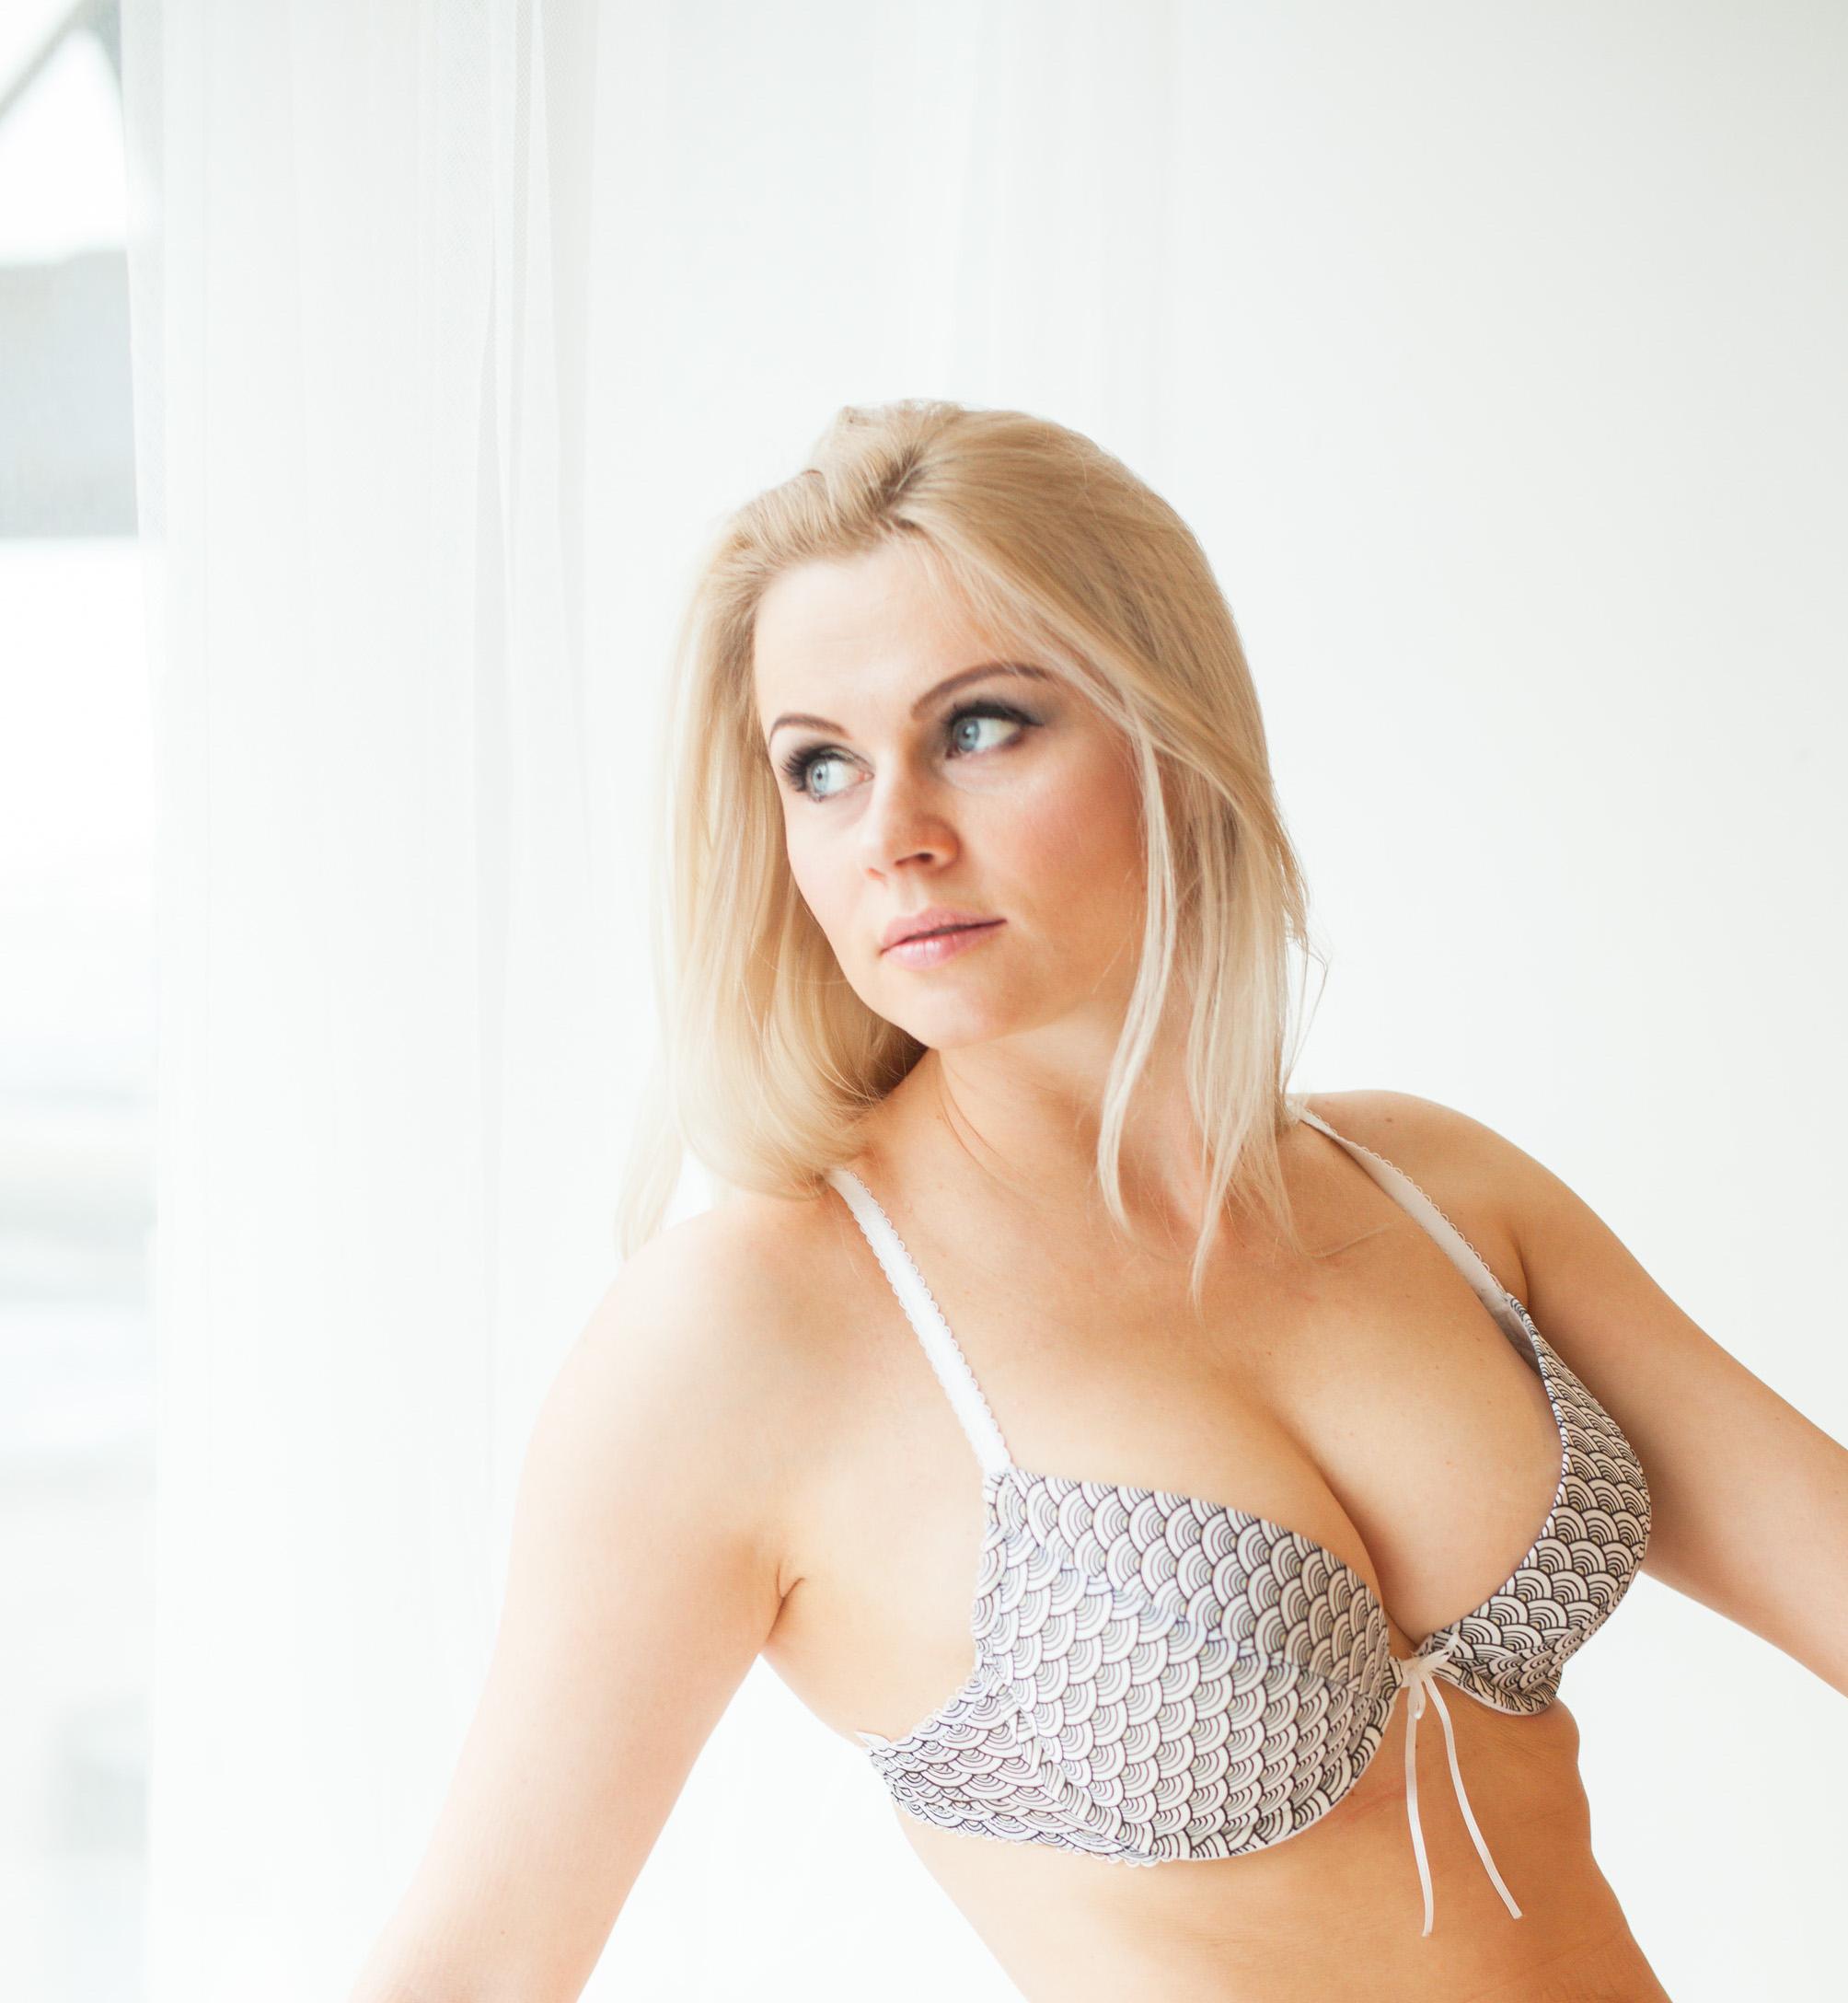 Monique Covet XXX videos. Free Monique Covet porn & sex tube video clips